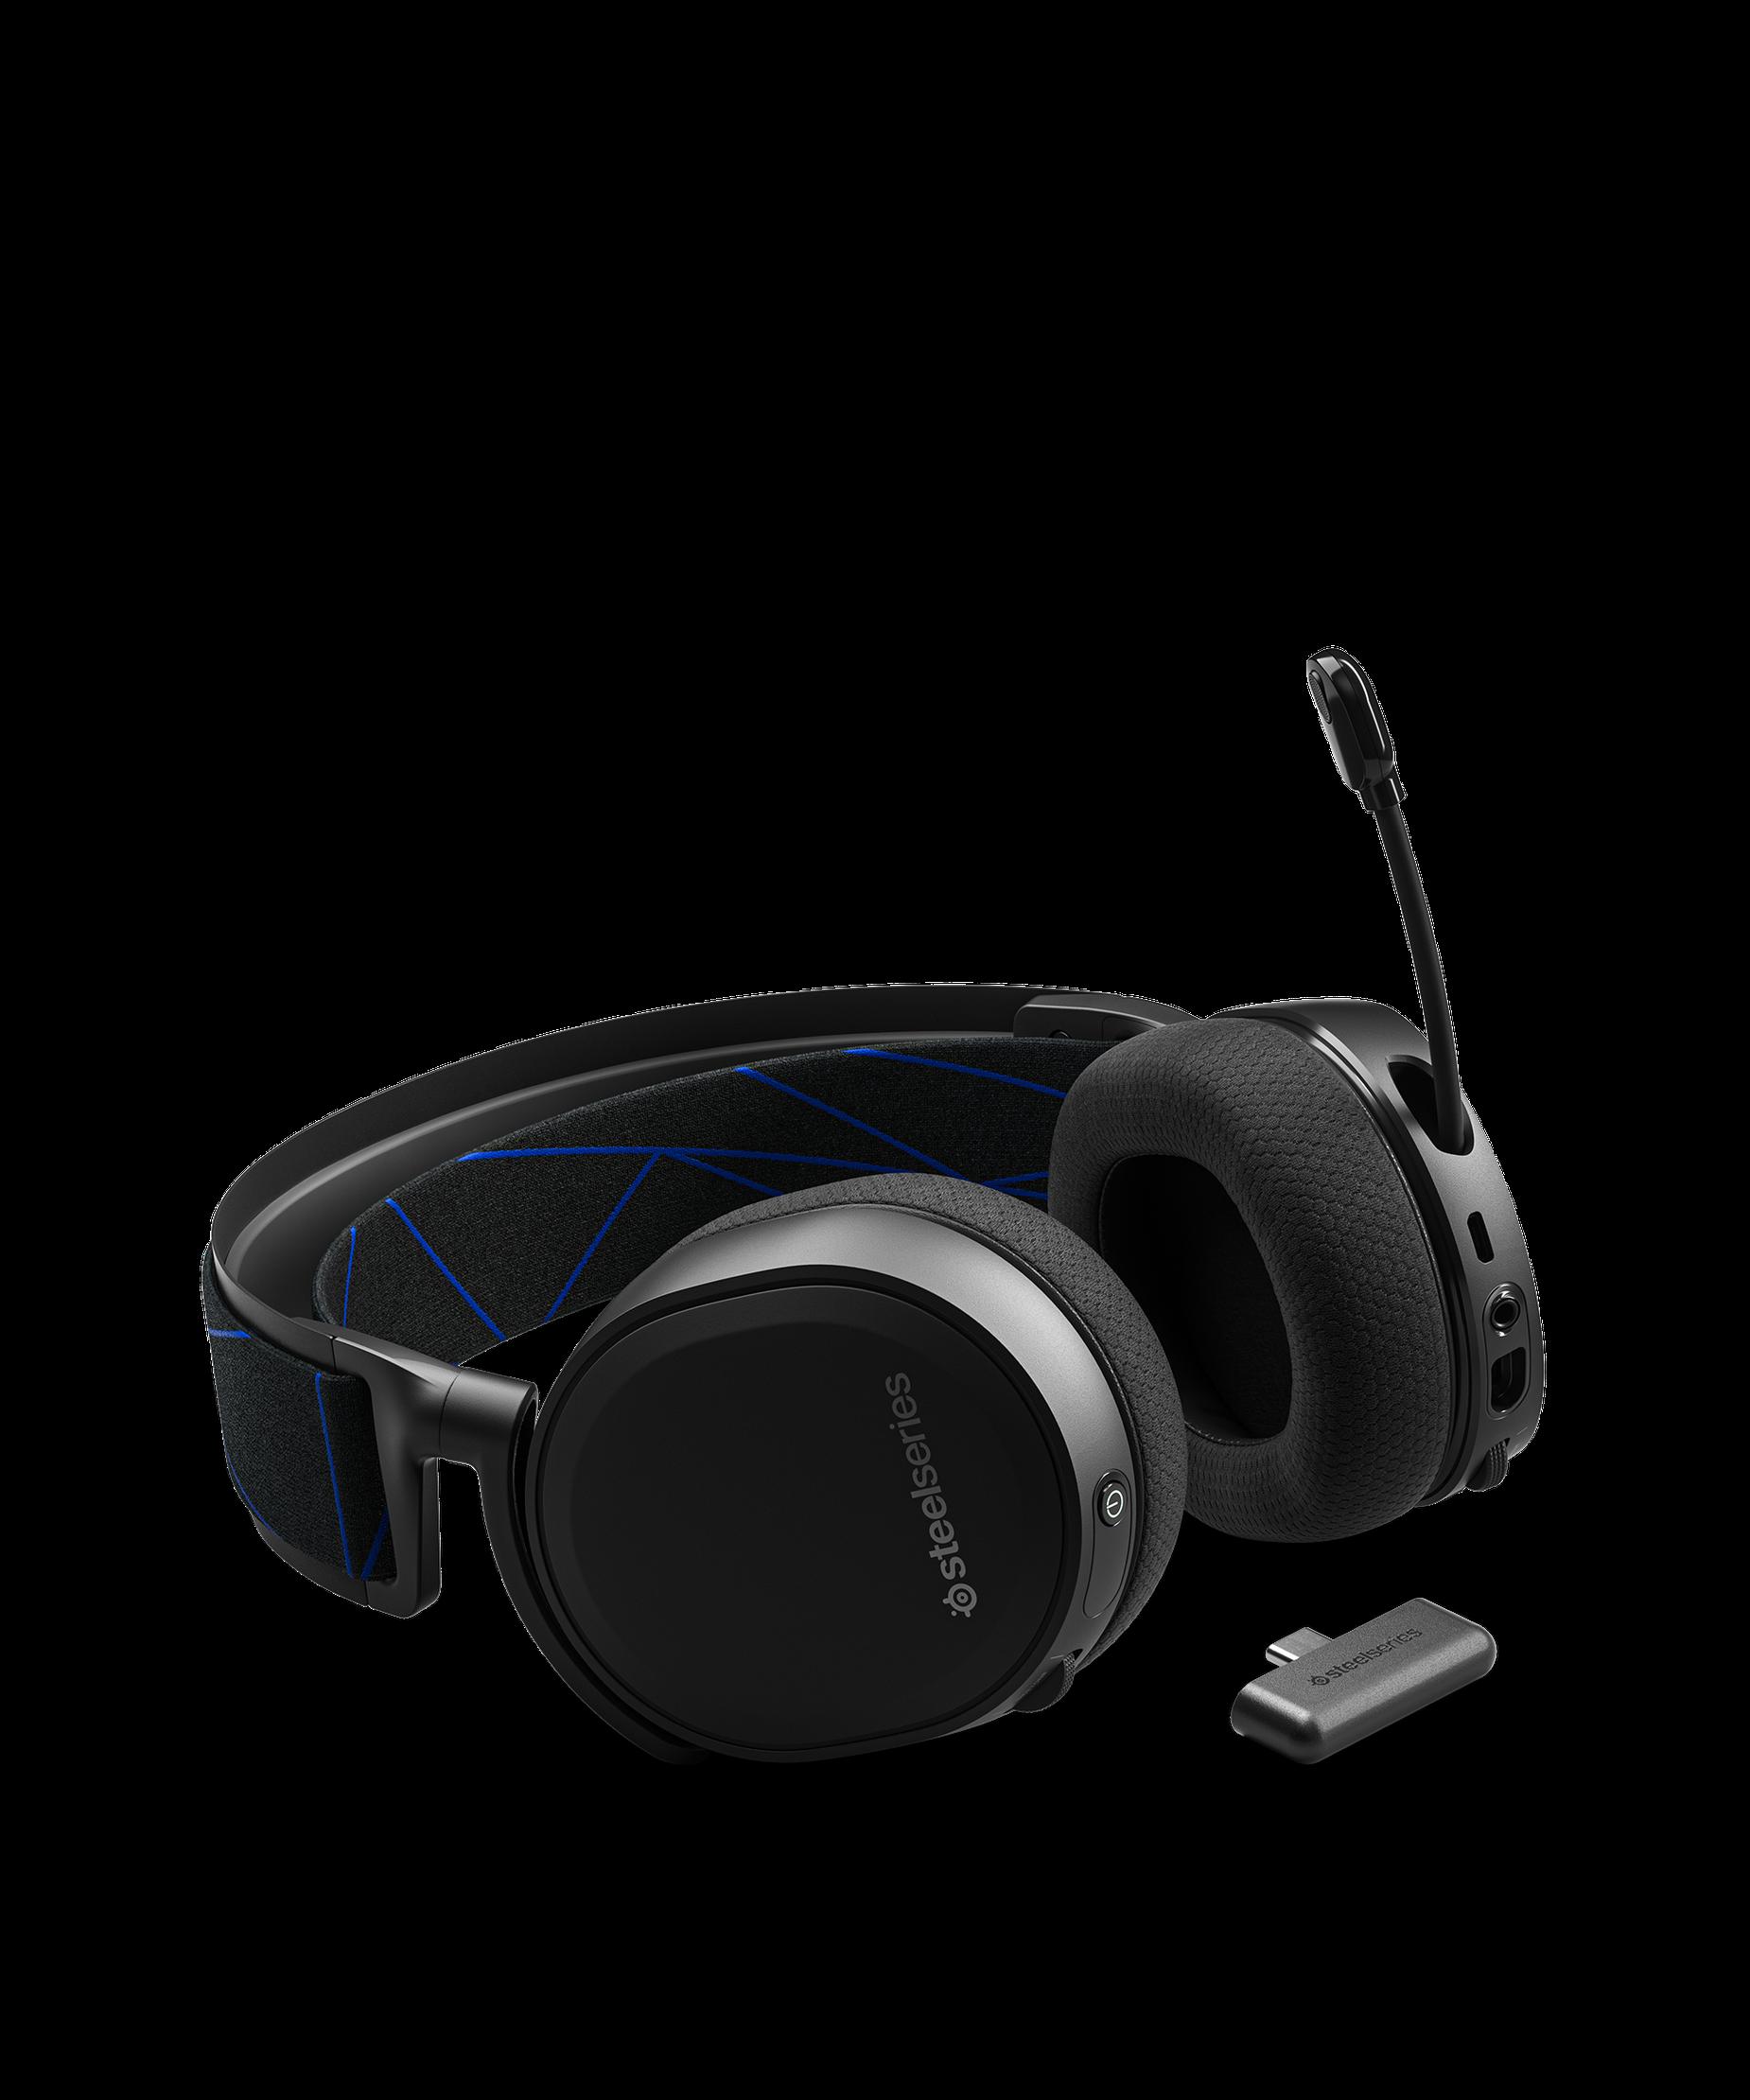 耳機平放且 clearcast 麥克風呈現打開的位置